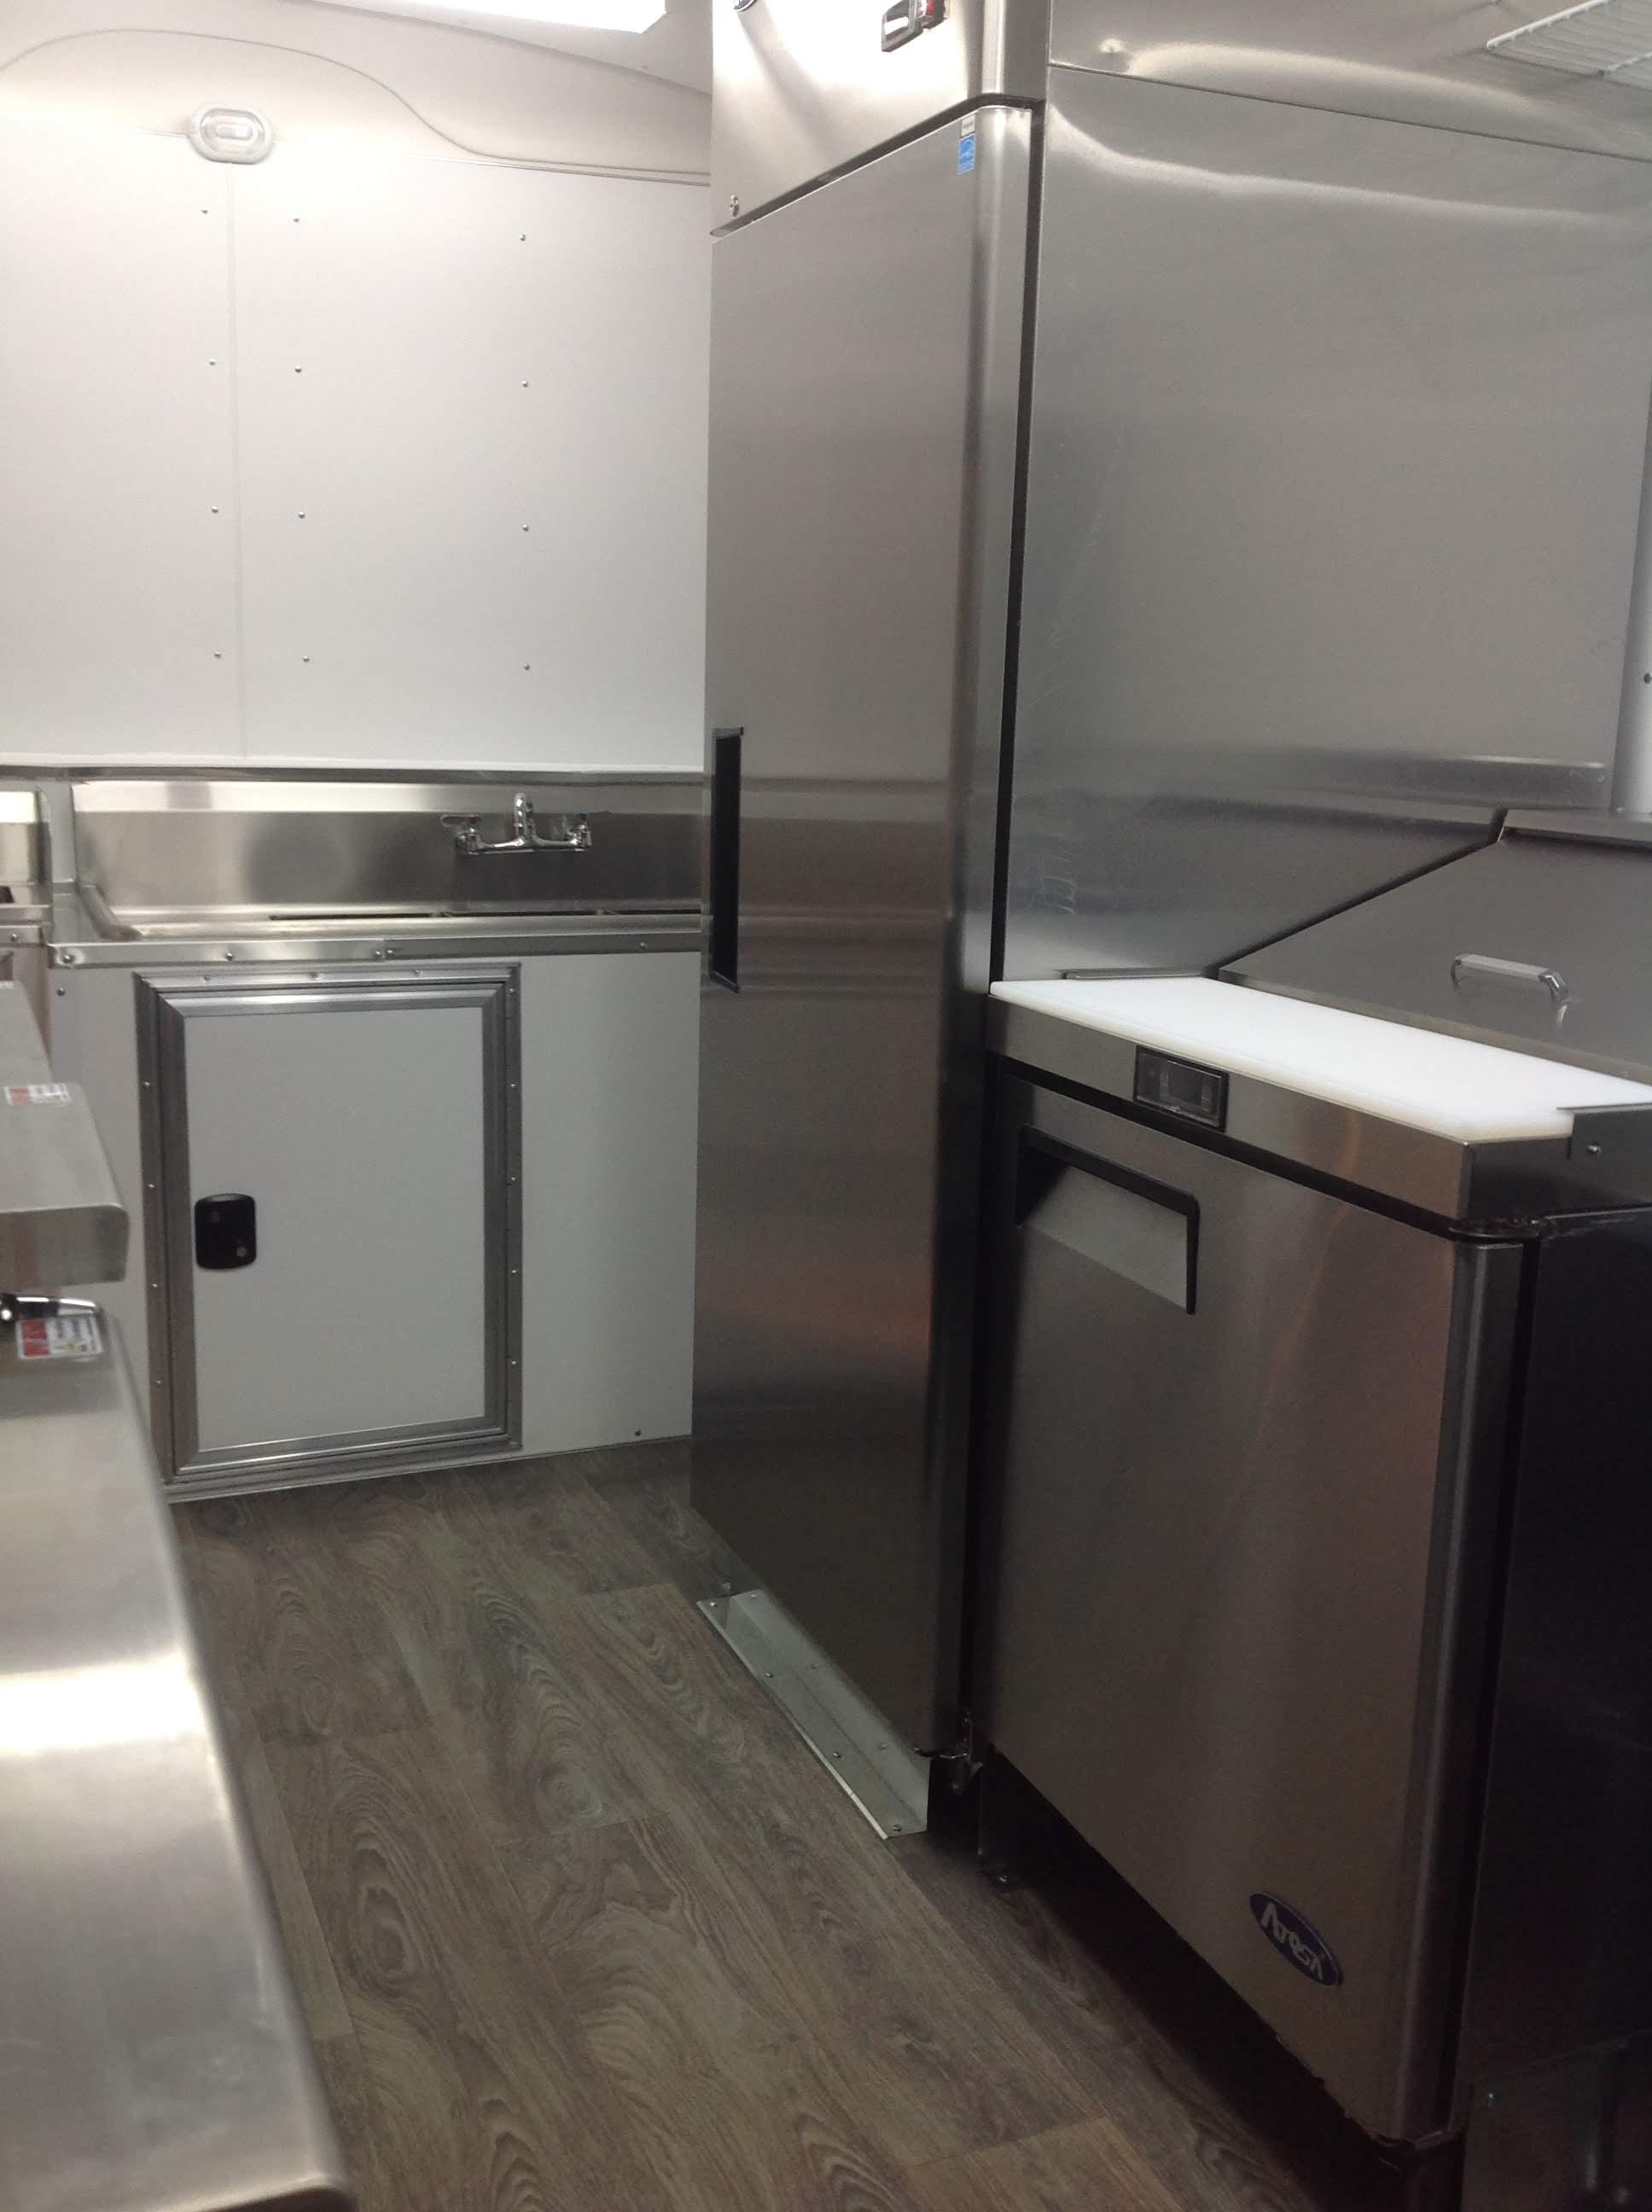 Trailer 3 Food Truck Kitchen Design Idaho 1